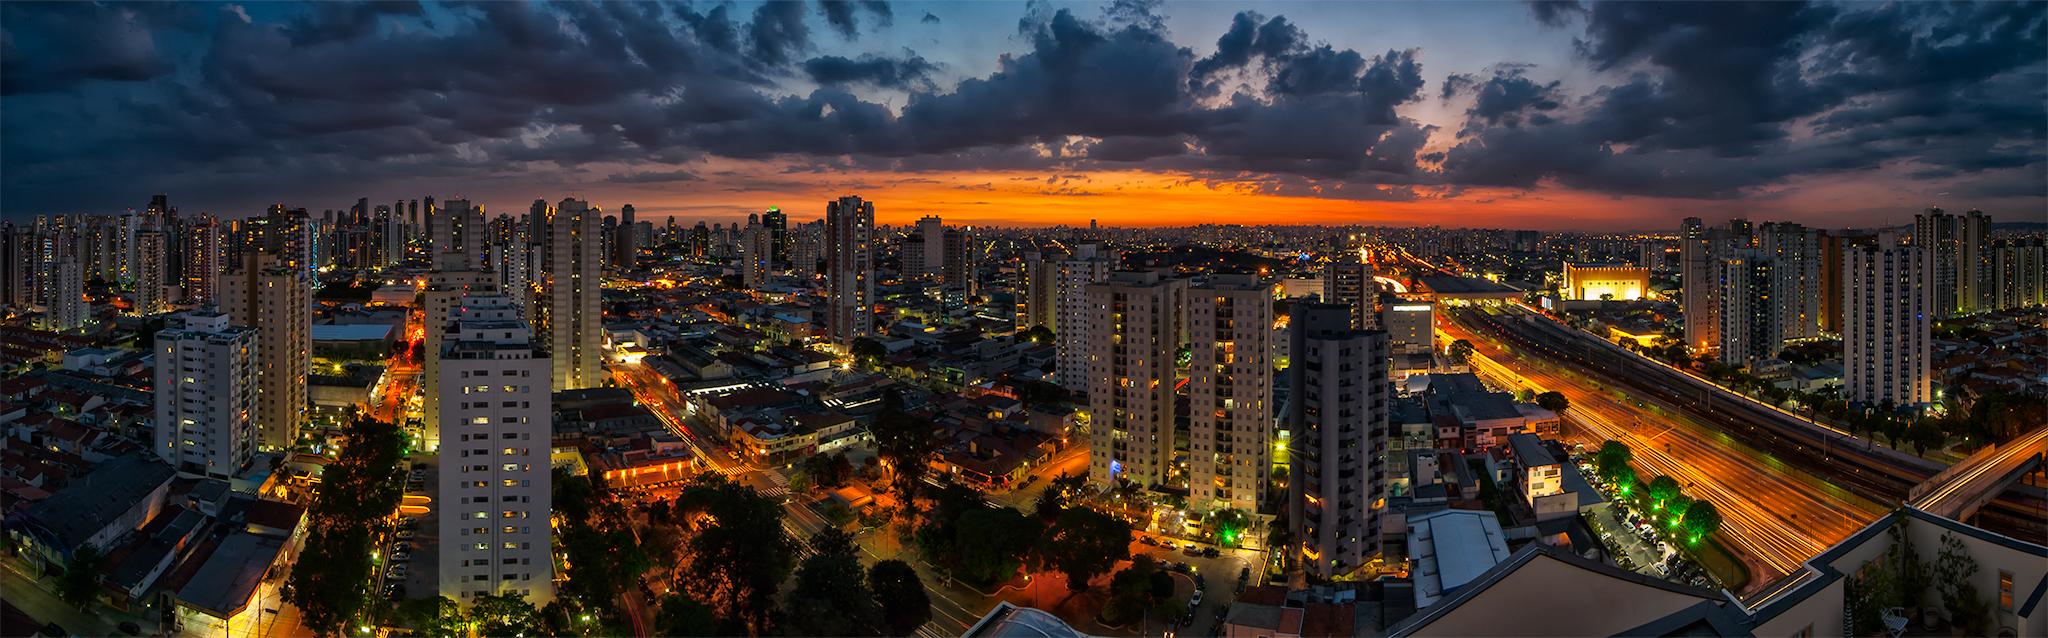 Sao Paulo Pano